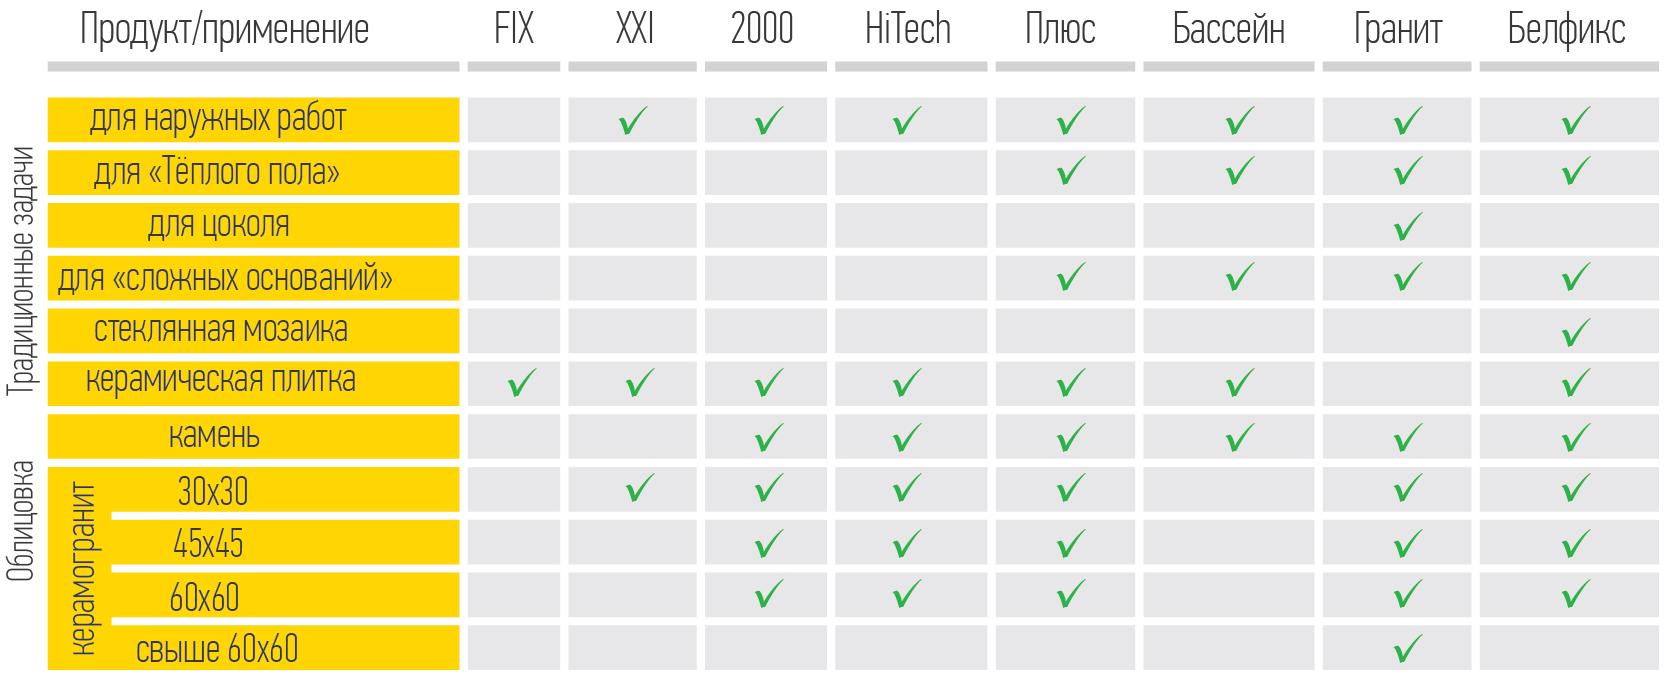 Сравнительная таблица плиточных клеев Юнис (UNIS)